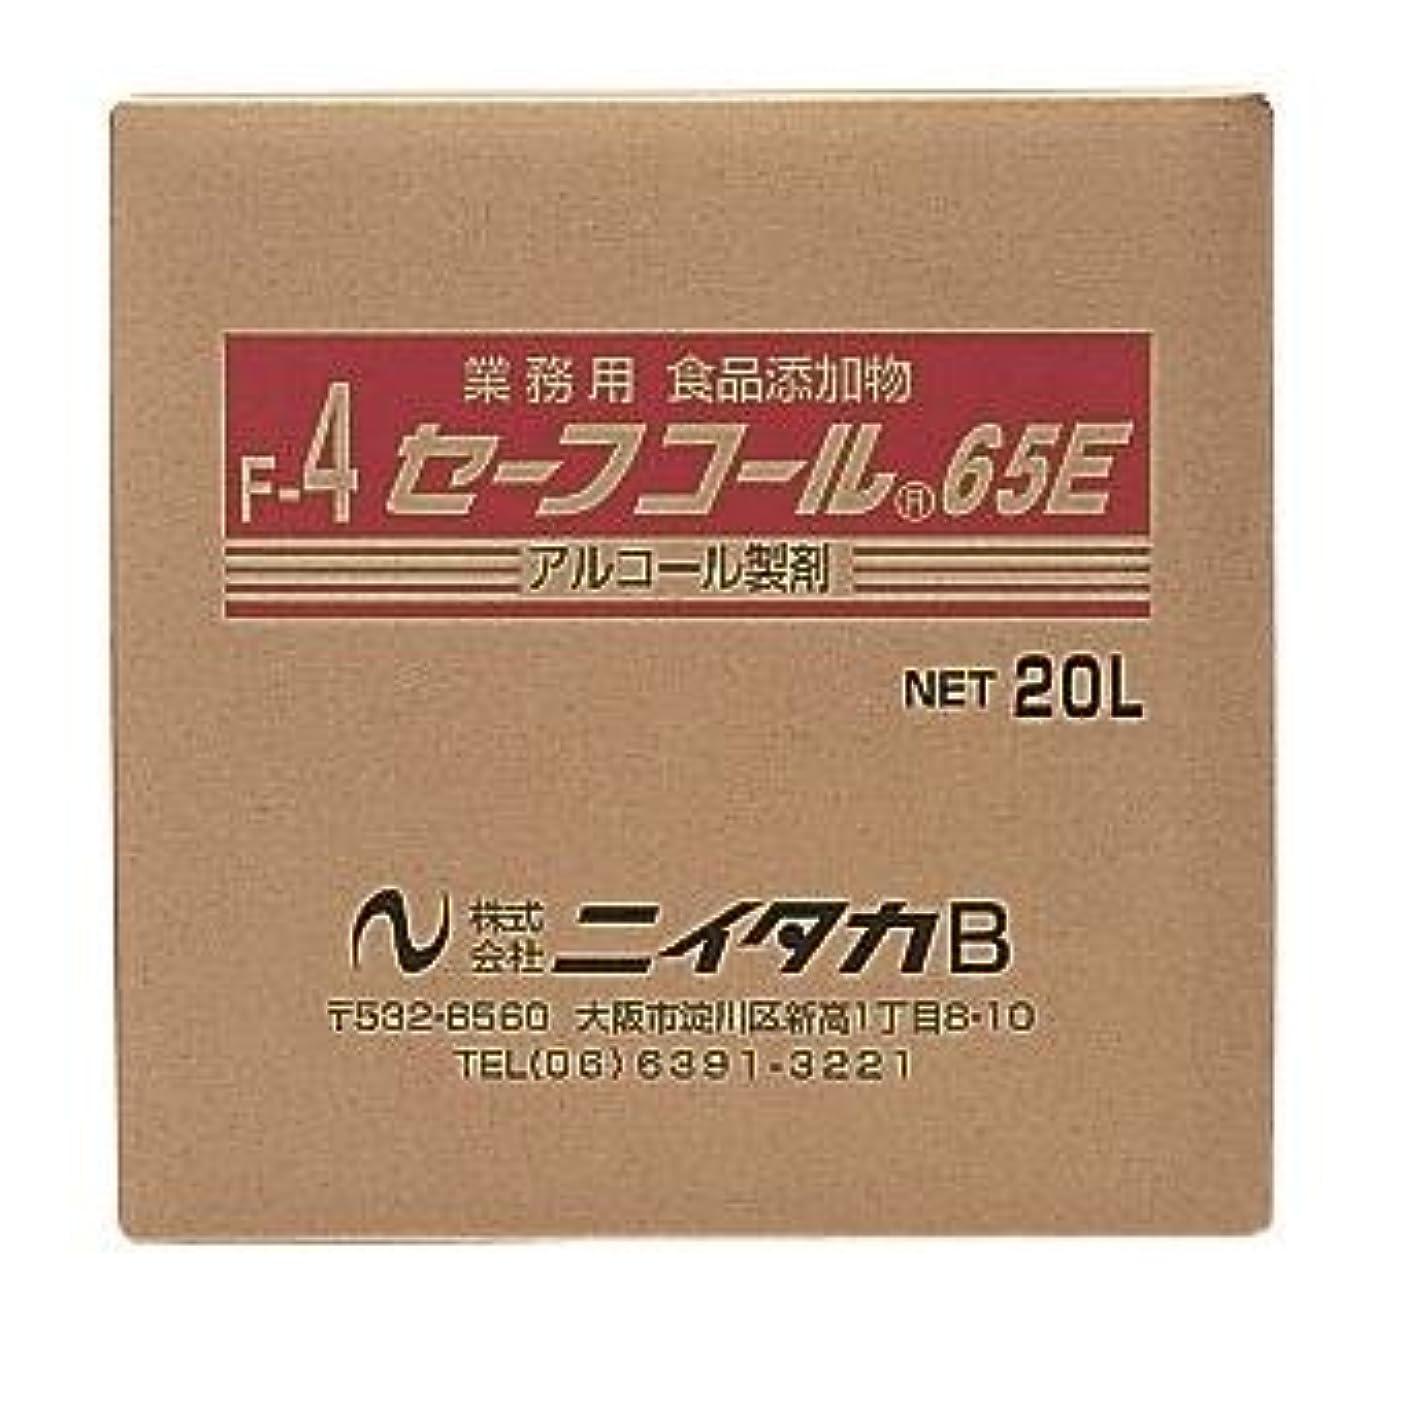 破裂行動却下するニイタカ:セーフコール65E(F-4) 20L(BIB) 270302